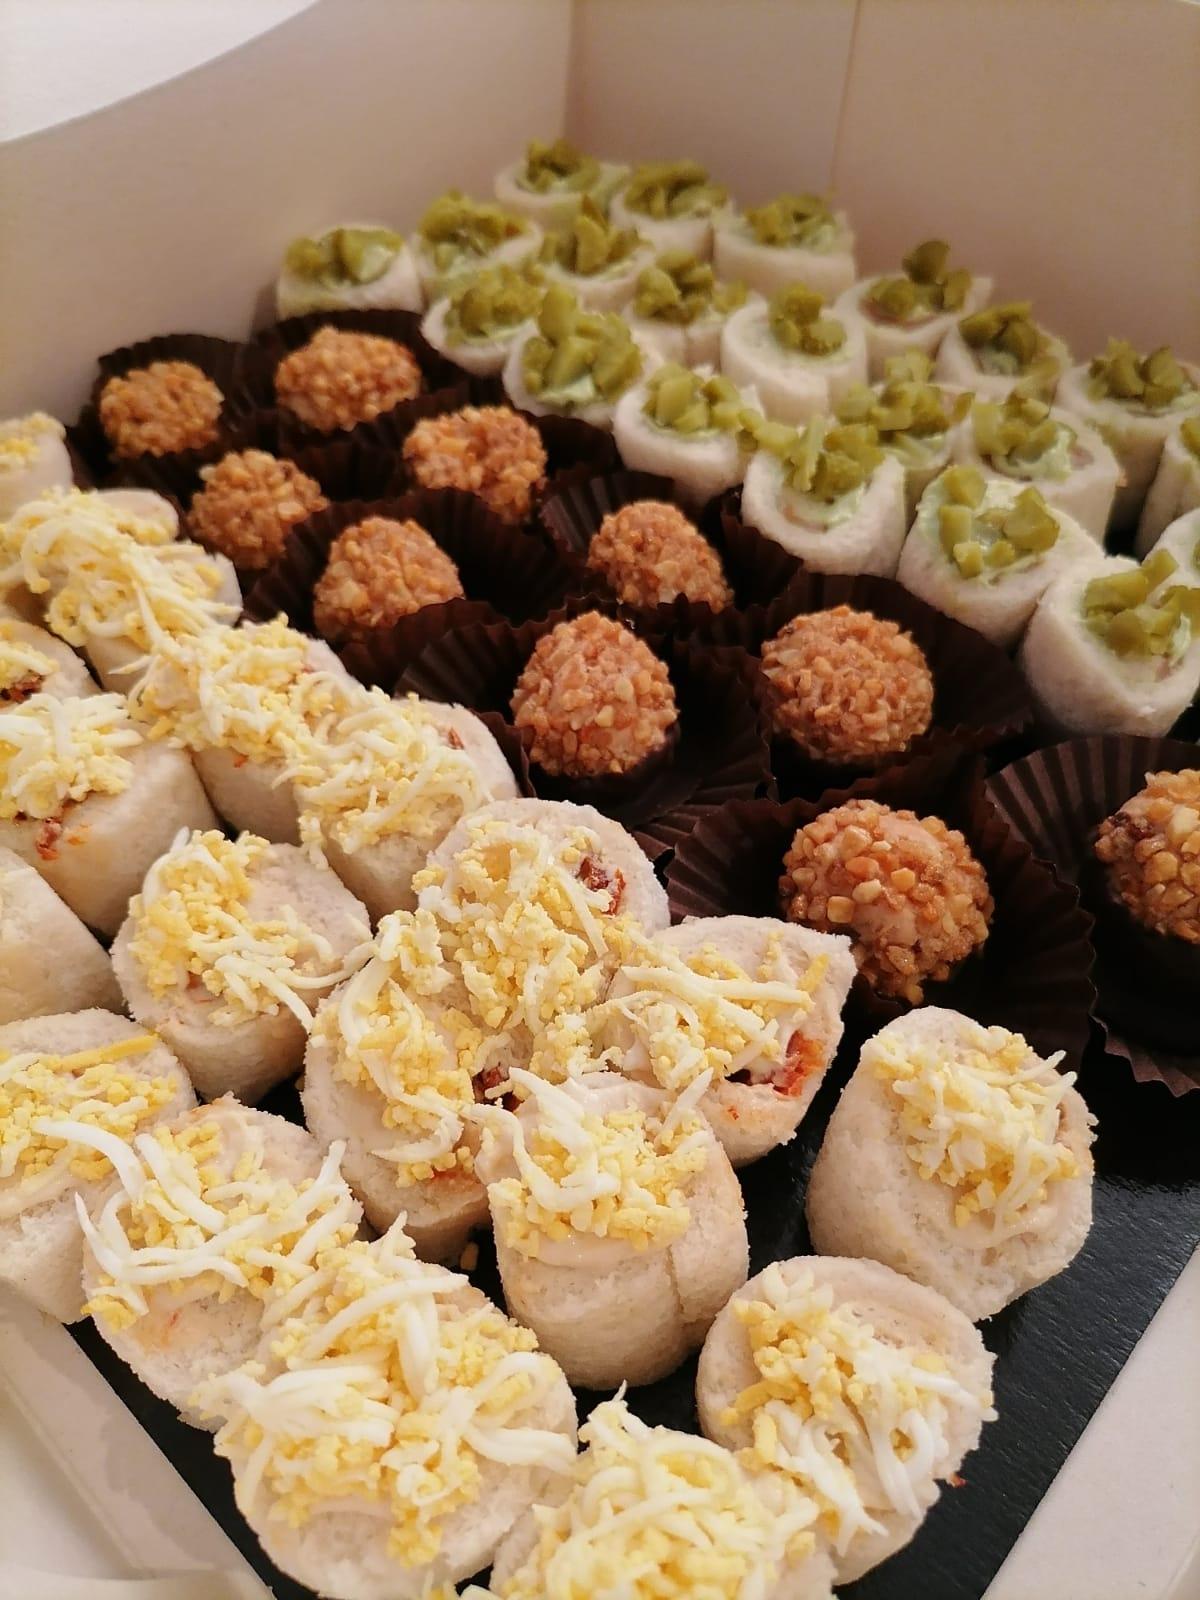 Rotllets de pa de motlle farcits de tonyina, ou i maionesa; bombons de foie i rotllets de pa de motlle farcits de cremós d'alvocat i salmó